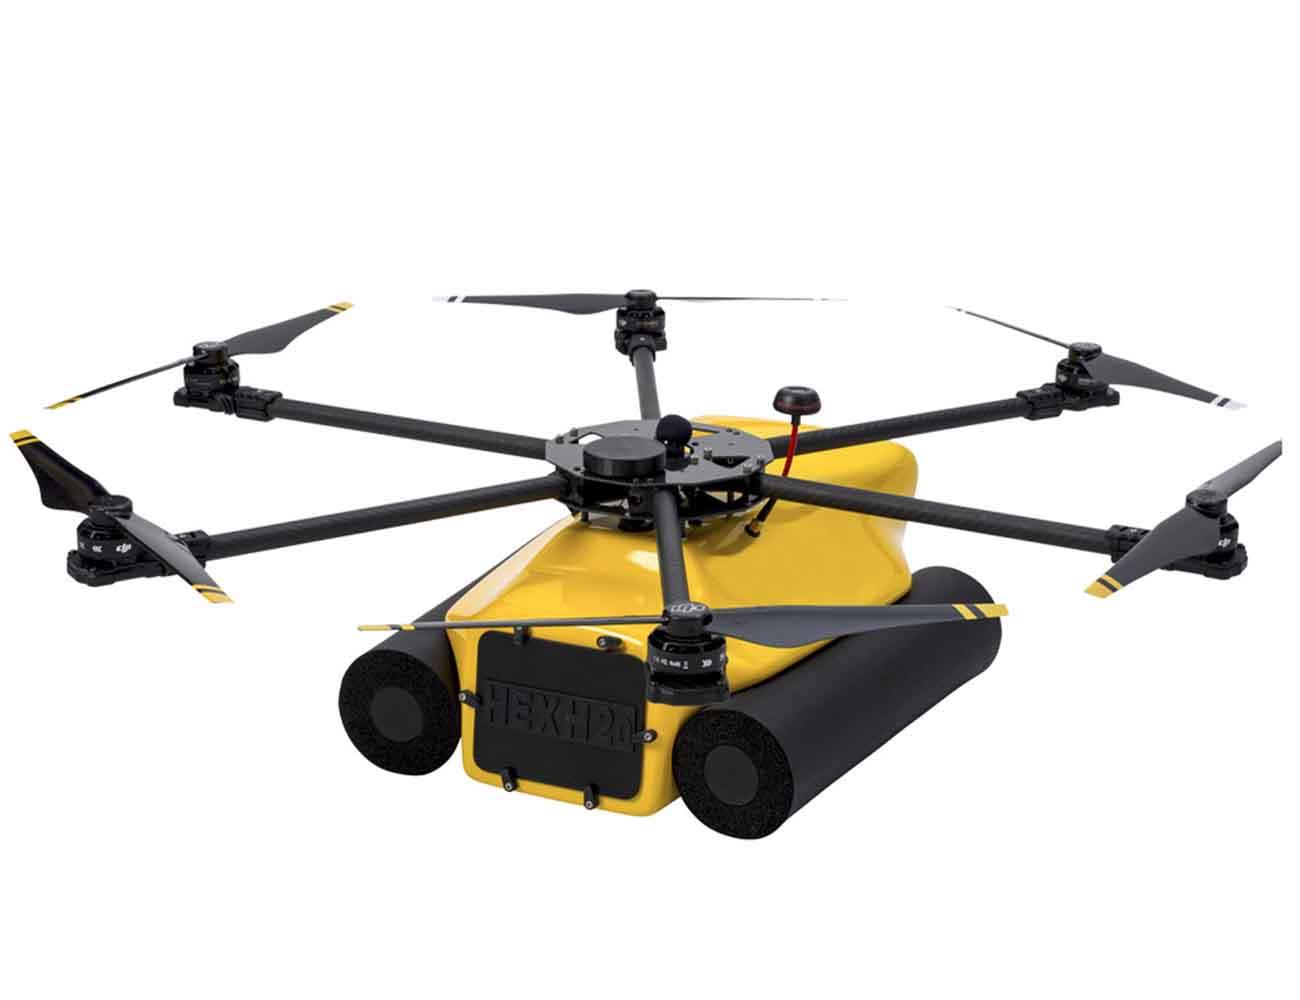 HexH2o – The Waterproof Hexcopter